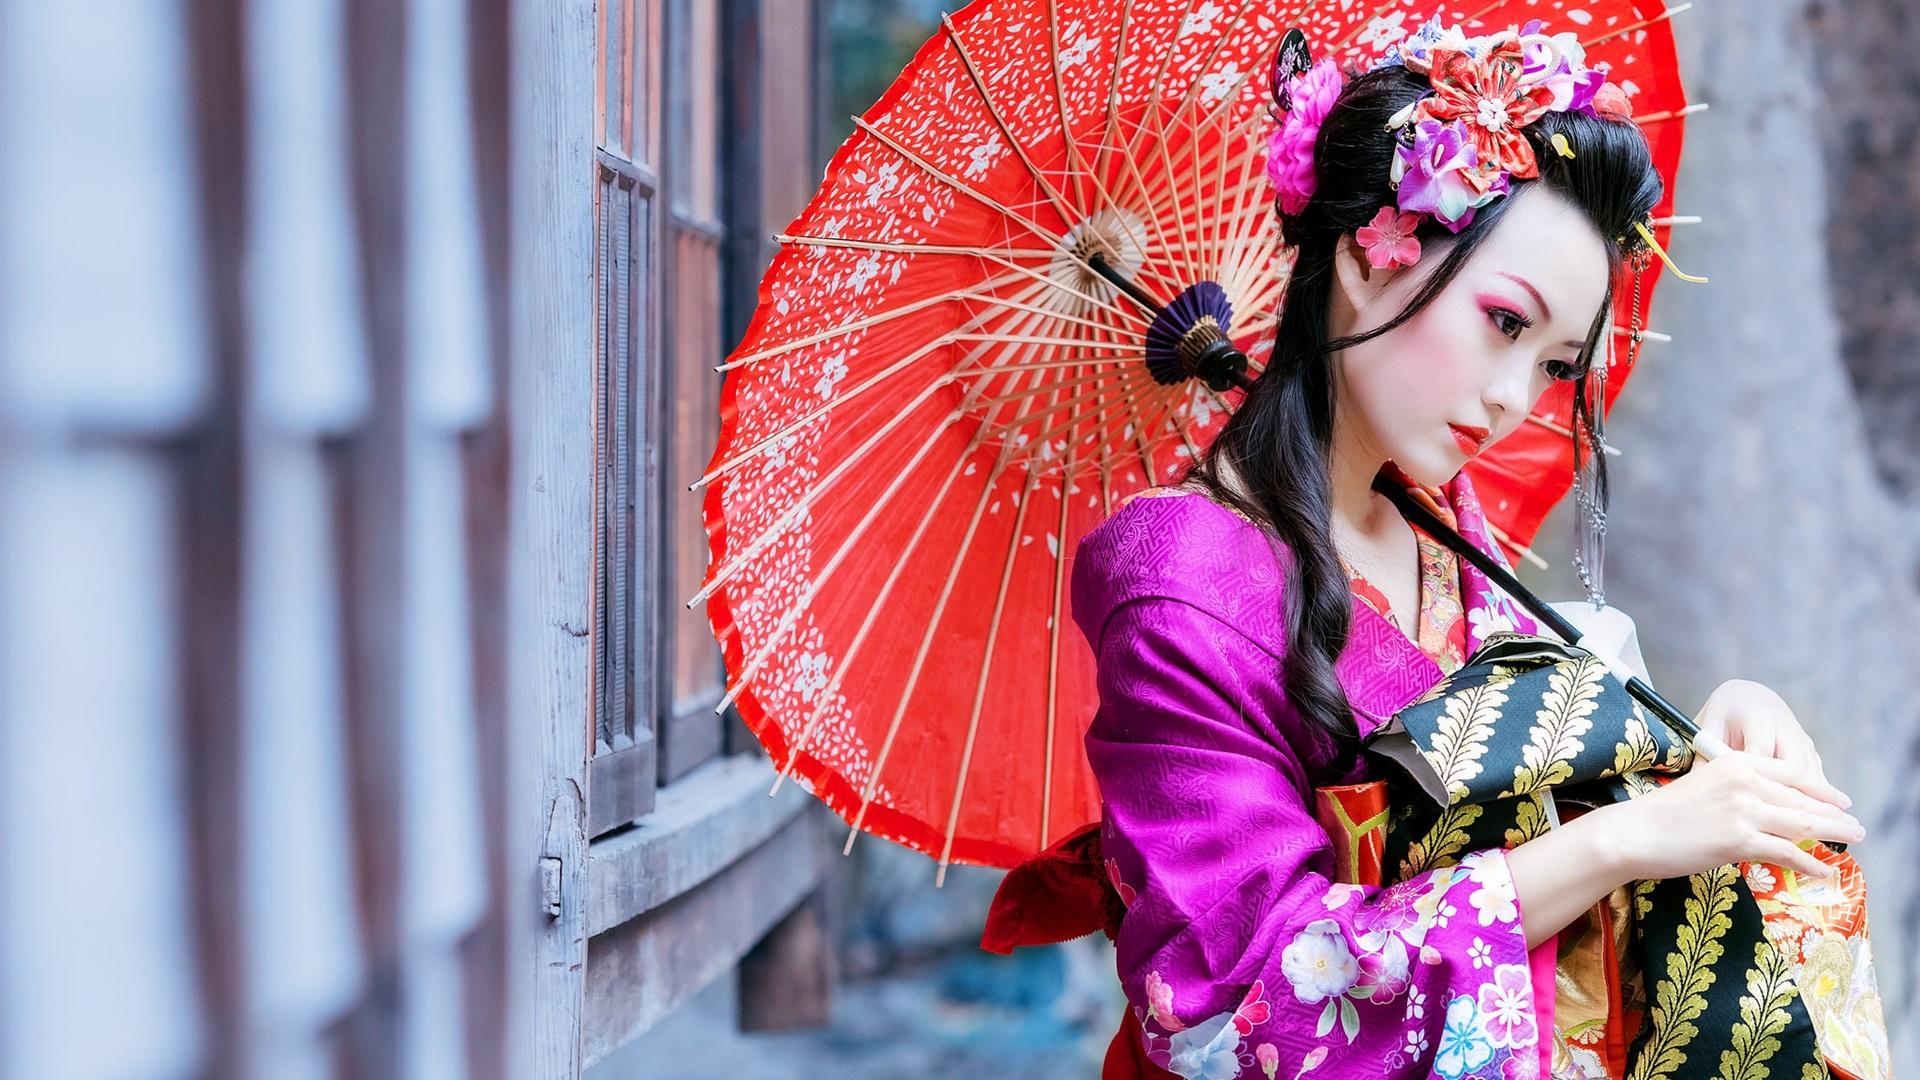 Wallpaper Japanese Girl Red Umbrella Kimono 1920x1200 Hd Picture